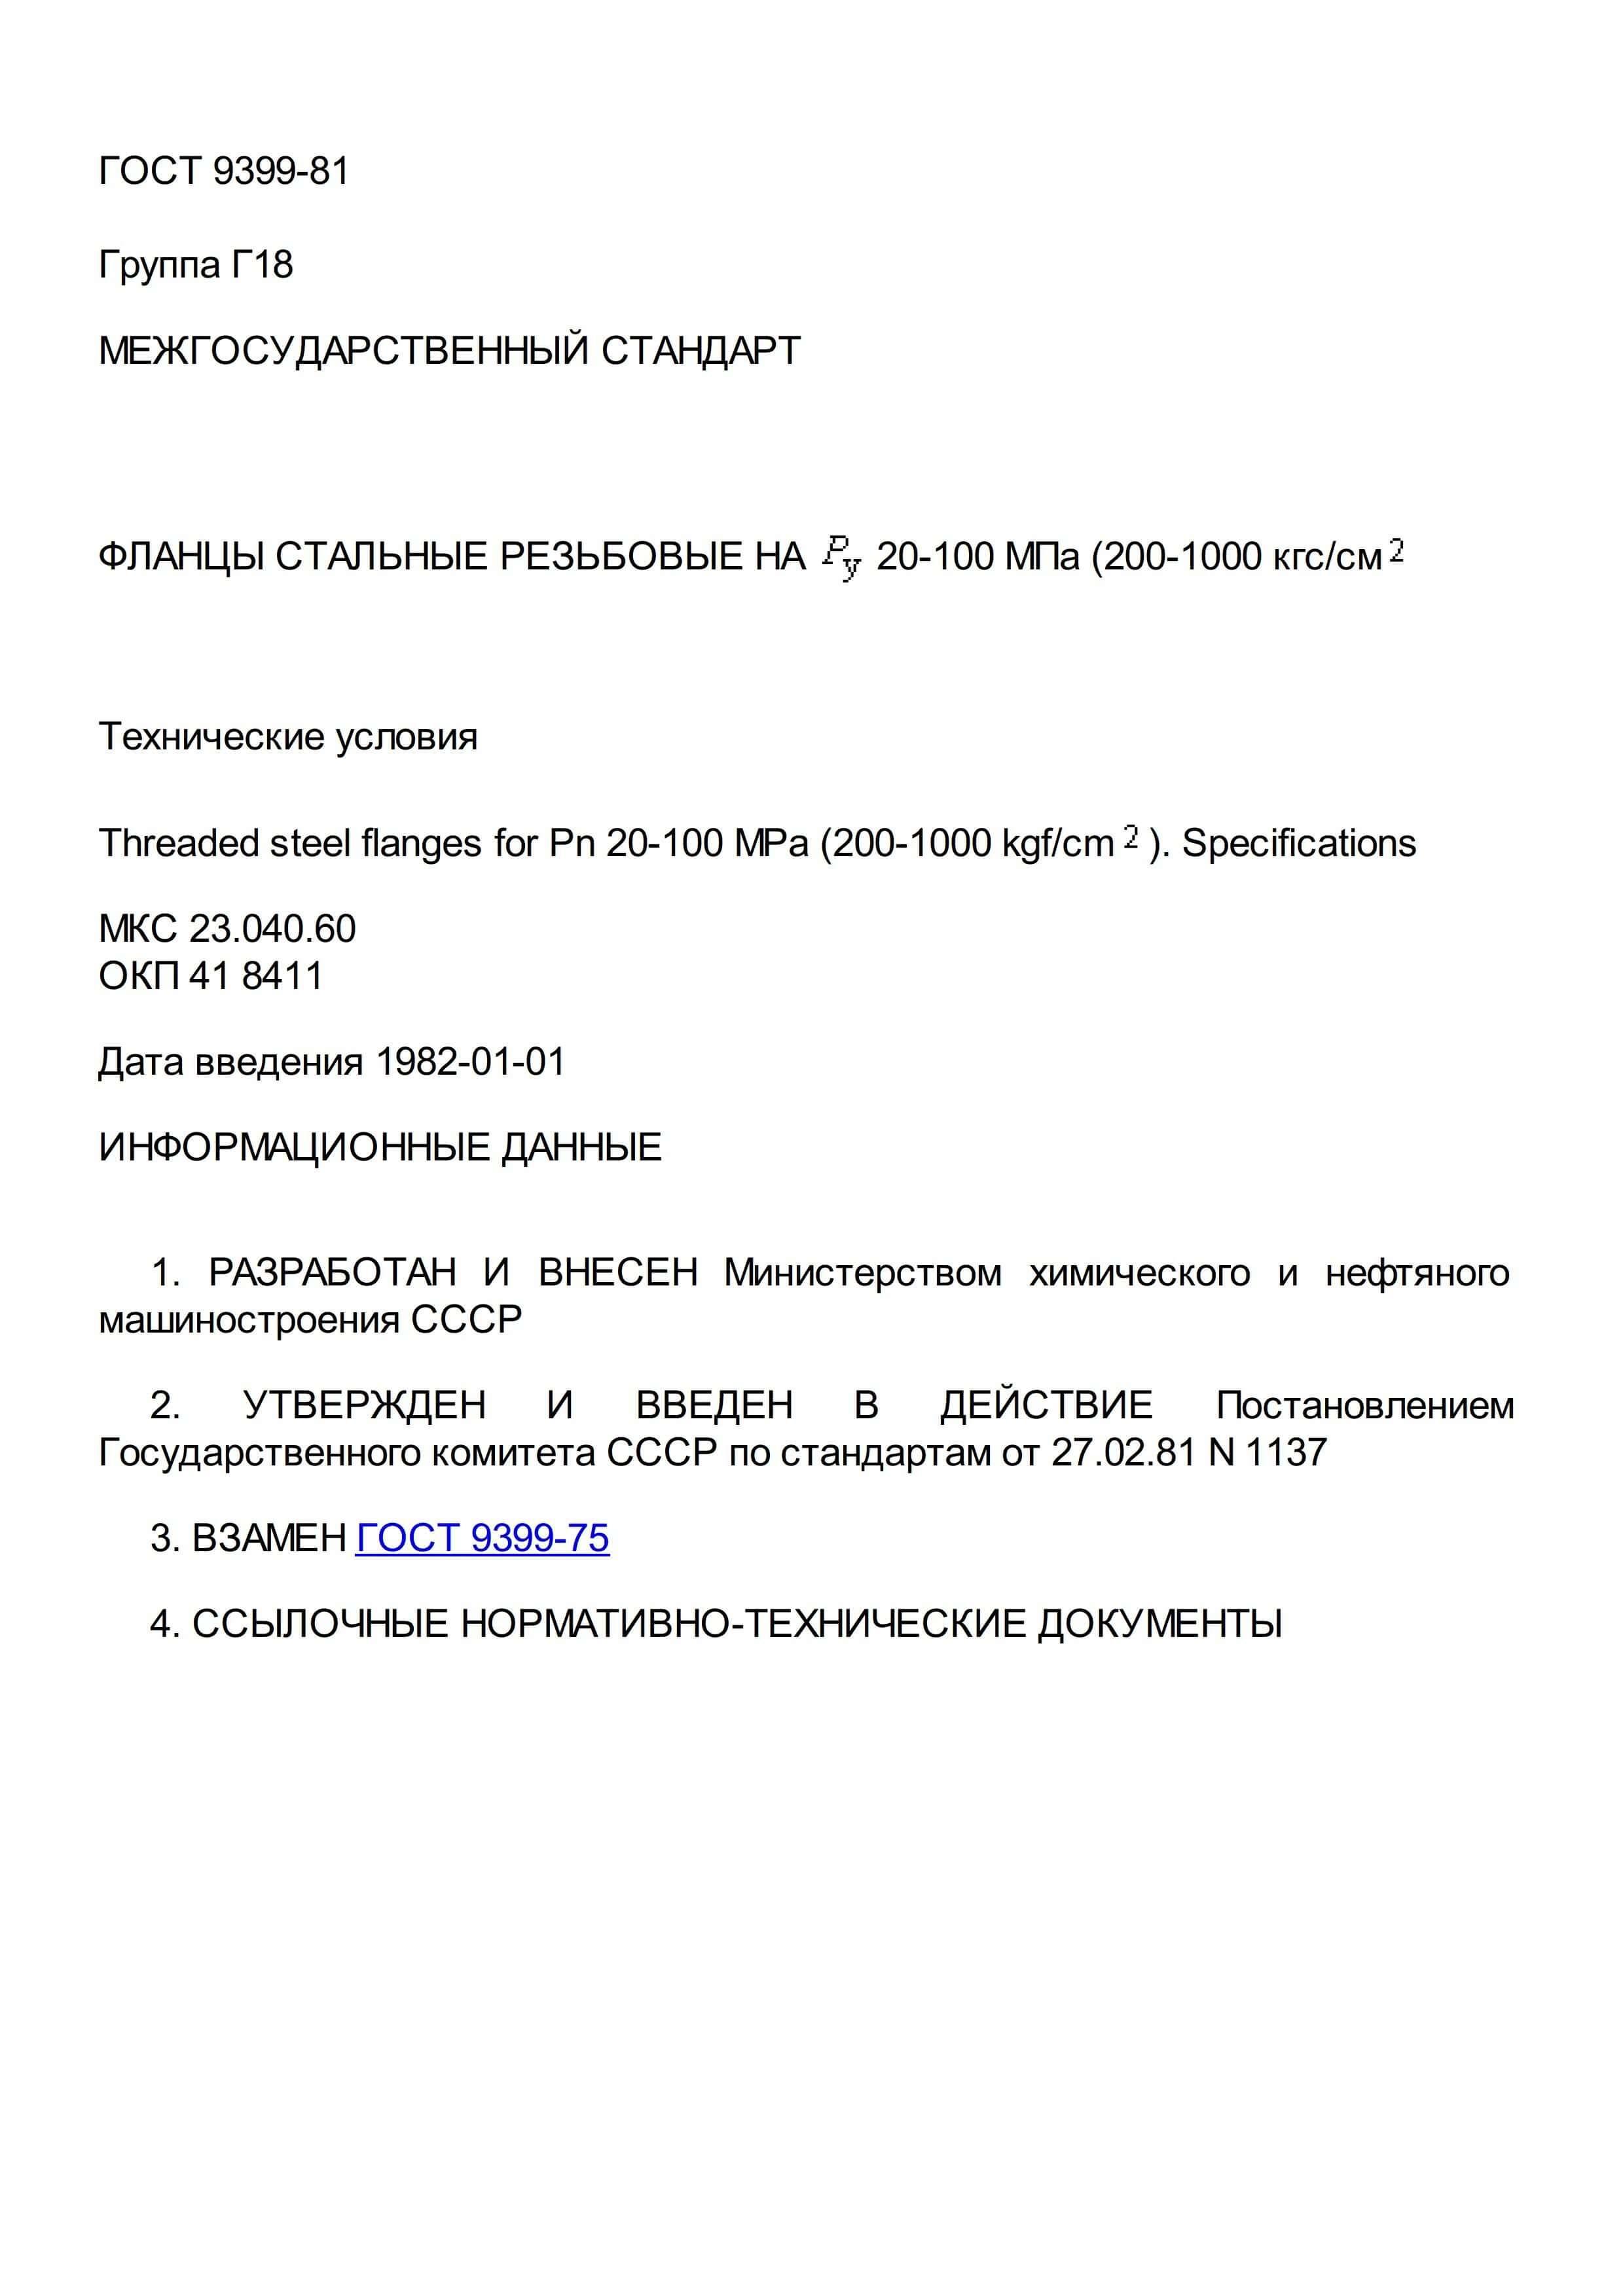 Фланцы резьбовые ГОСТ 9399-81